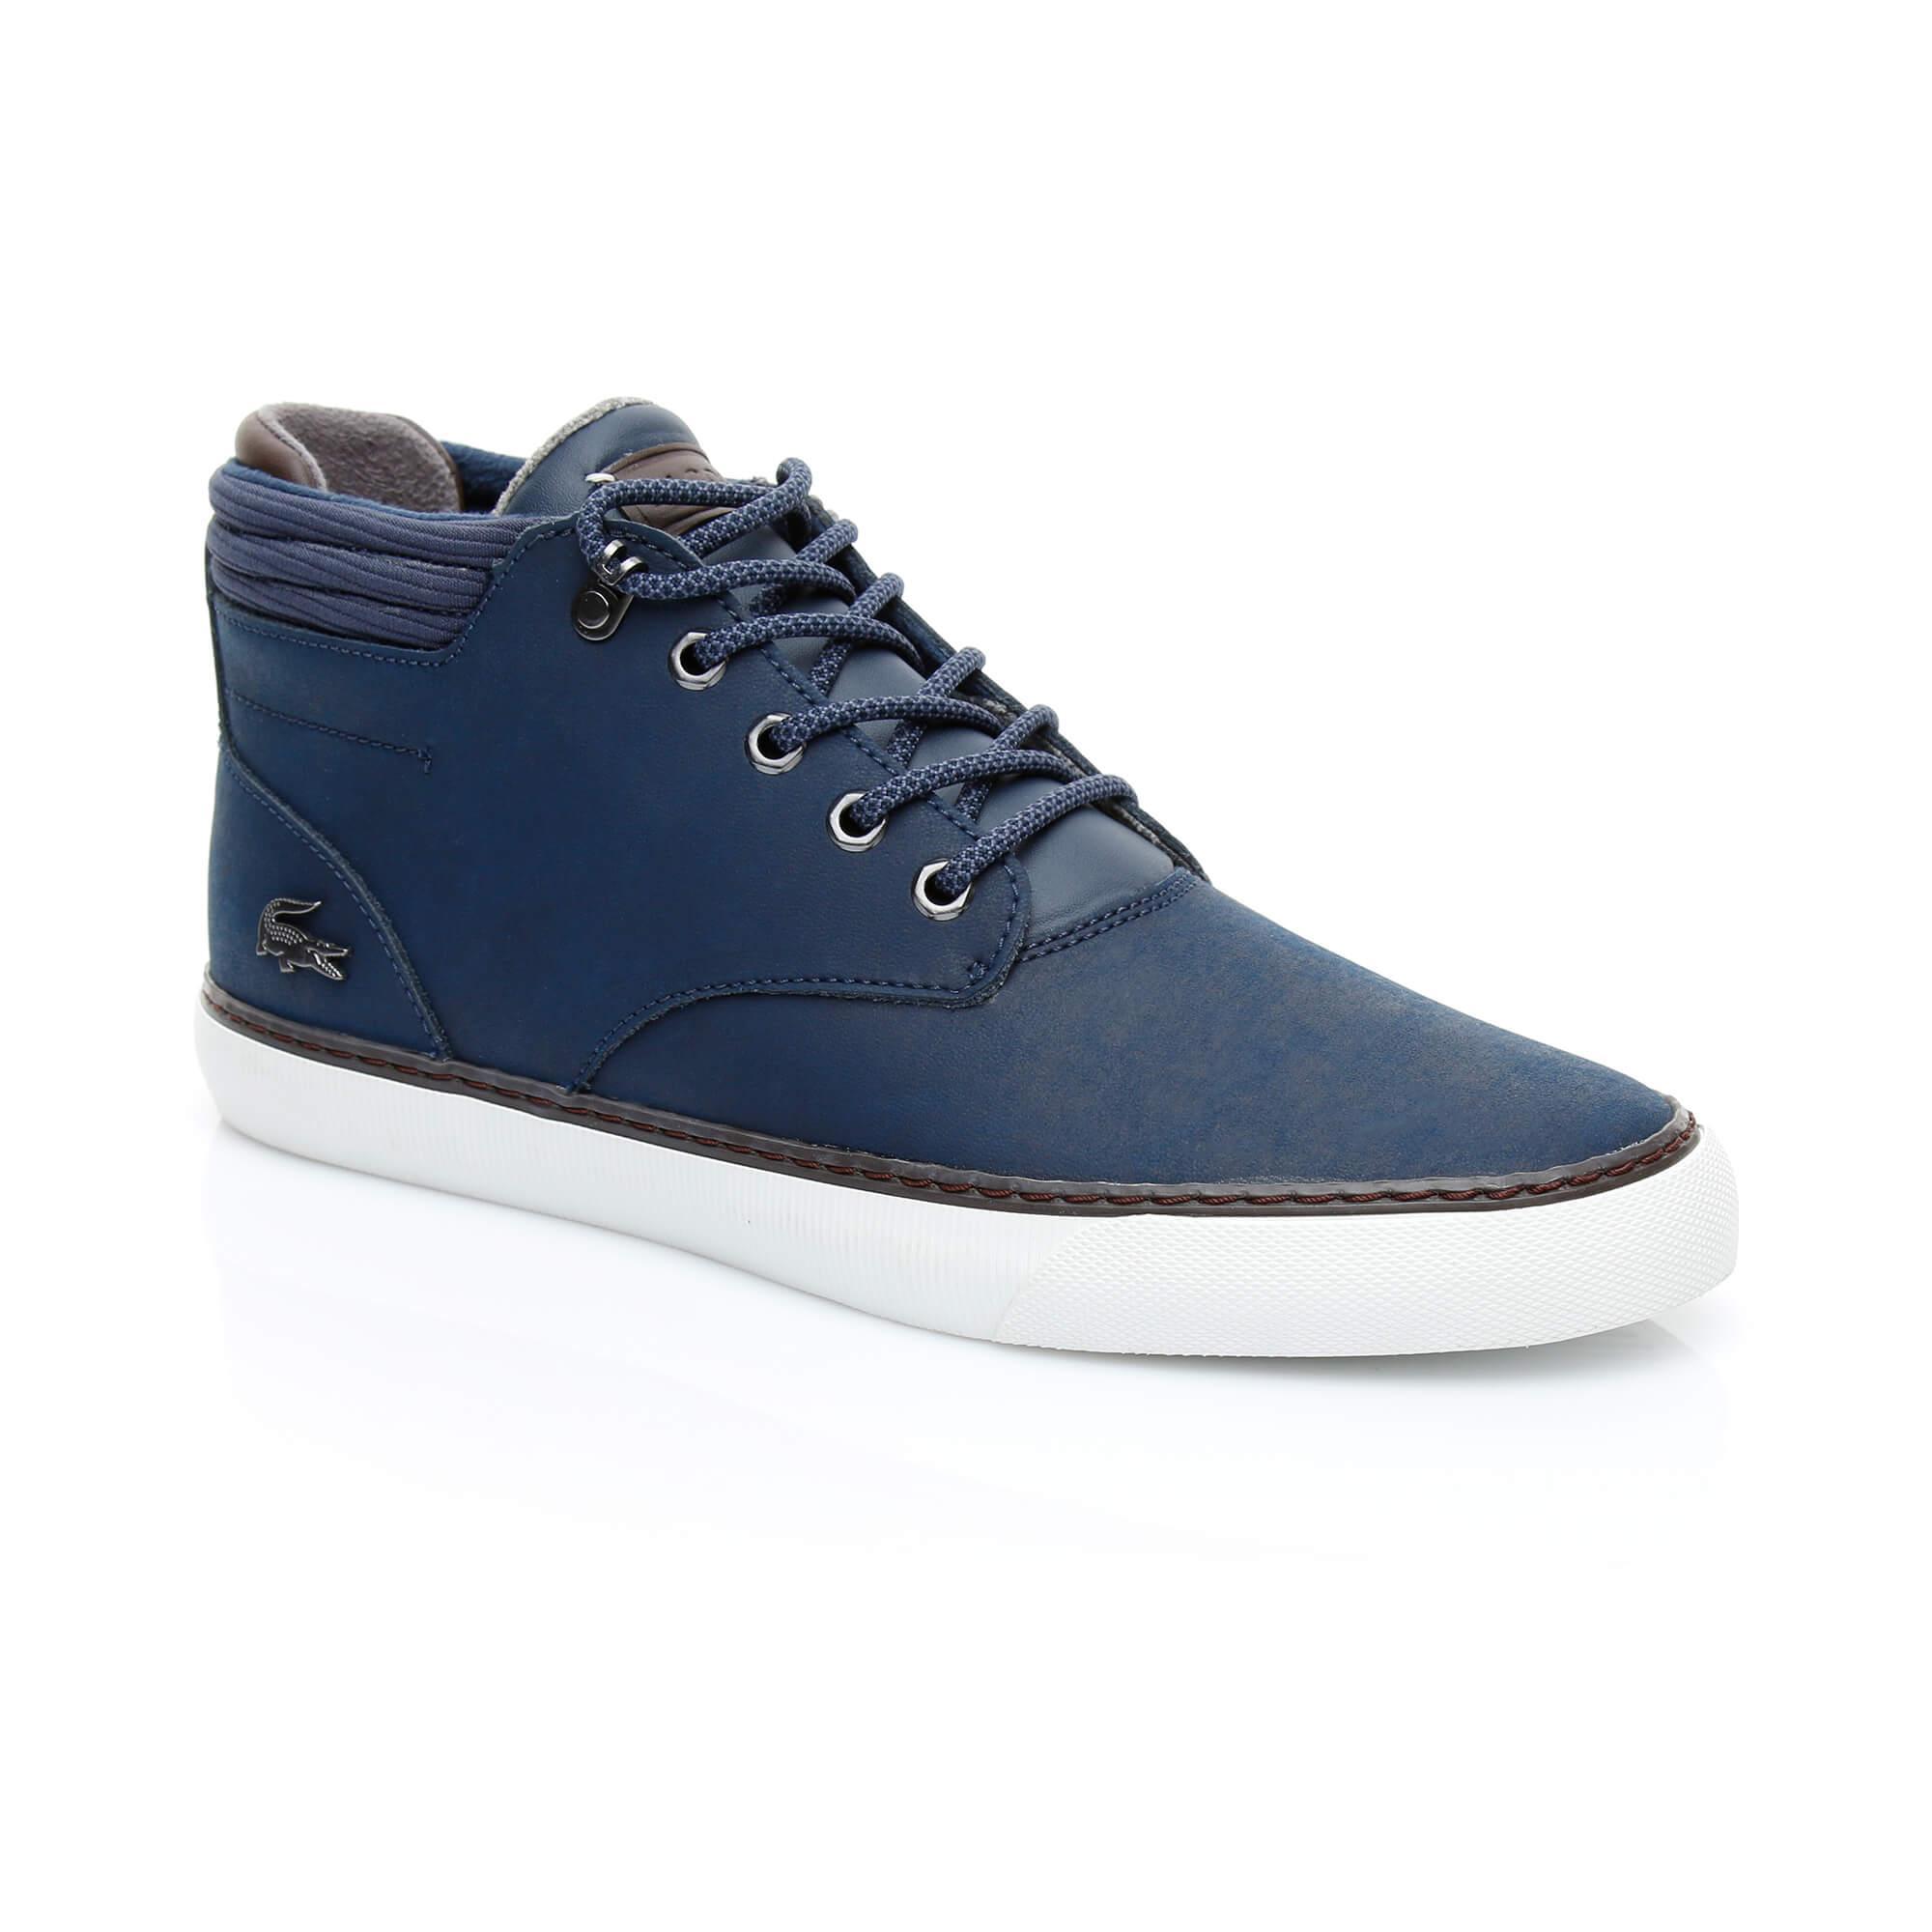 Lacoste Men's Esparre Sizer C 318 3 Navy Blue Shoes